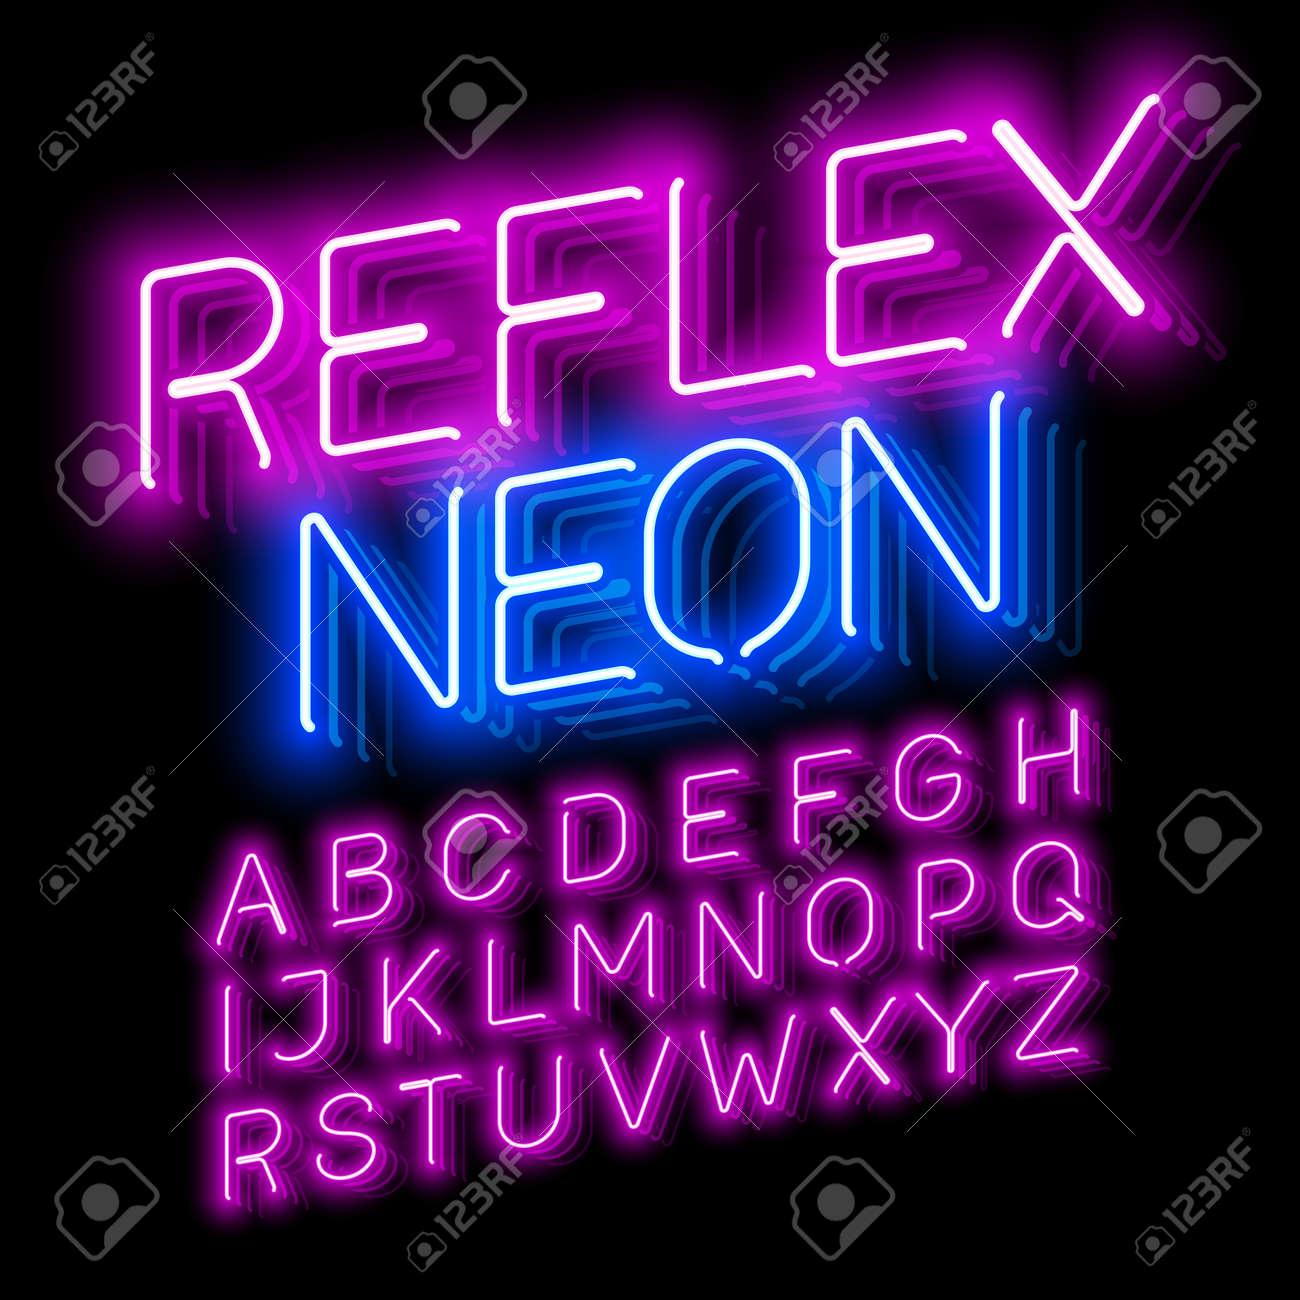 Reflex Neon font - 63055281